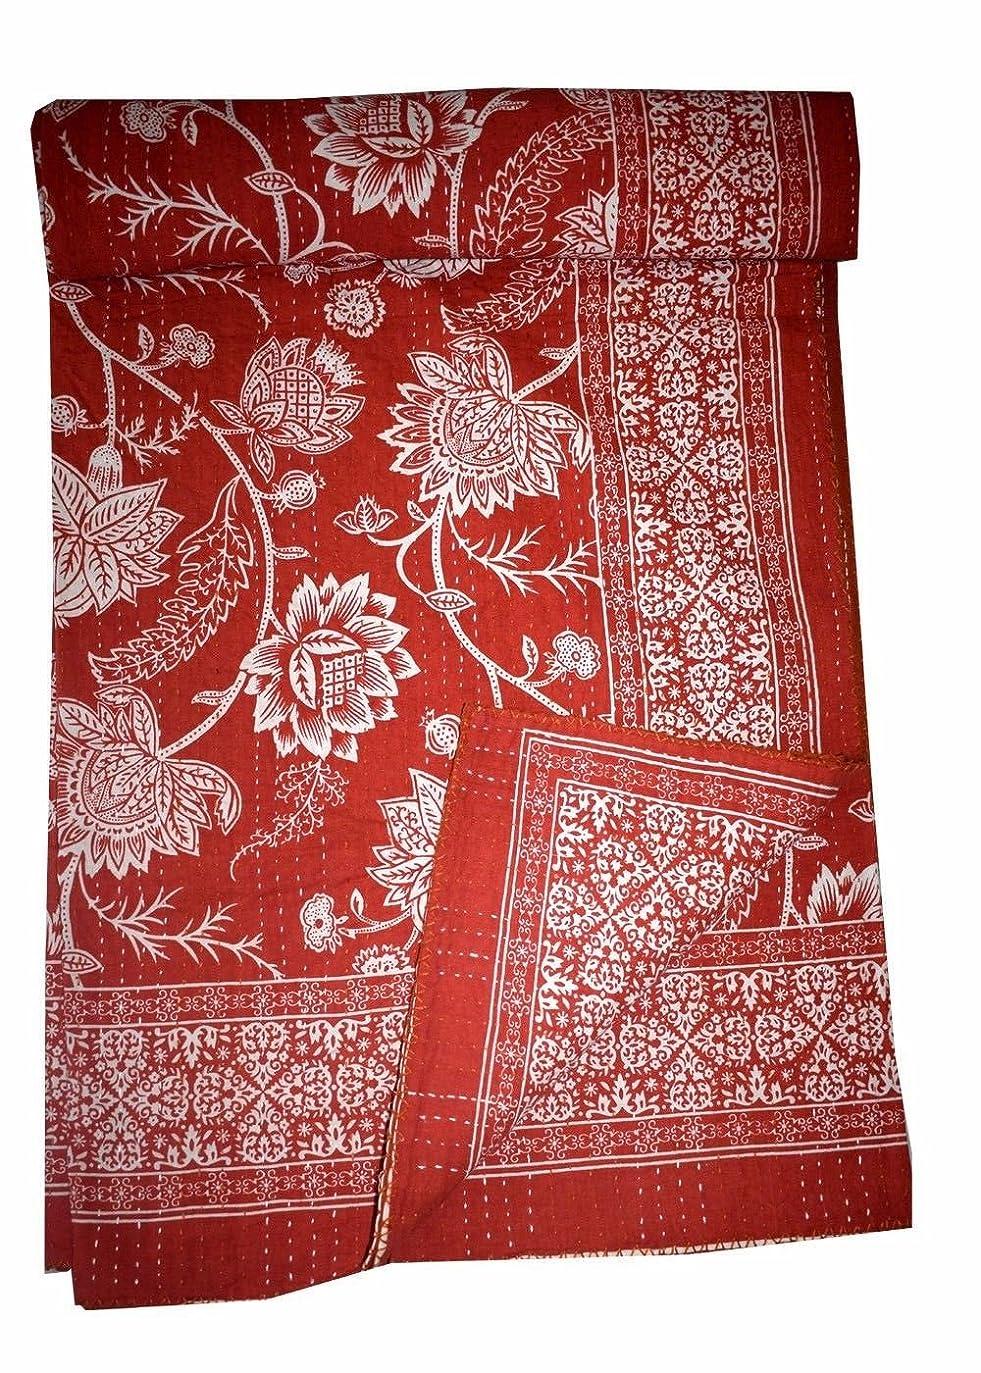 バッチ小説範囲gypsya Studioヴィンテージキルト/ Throw / Gudri / Ralliハンドメイド-- kantha-quilt-indian-cotton-patchwork